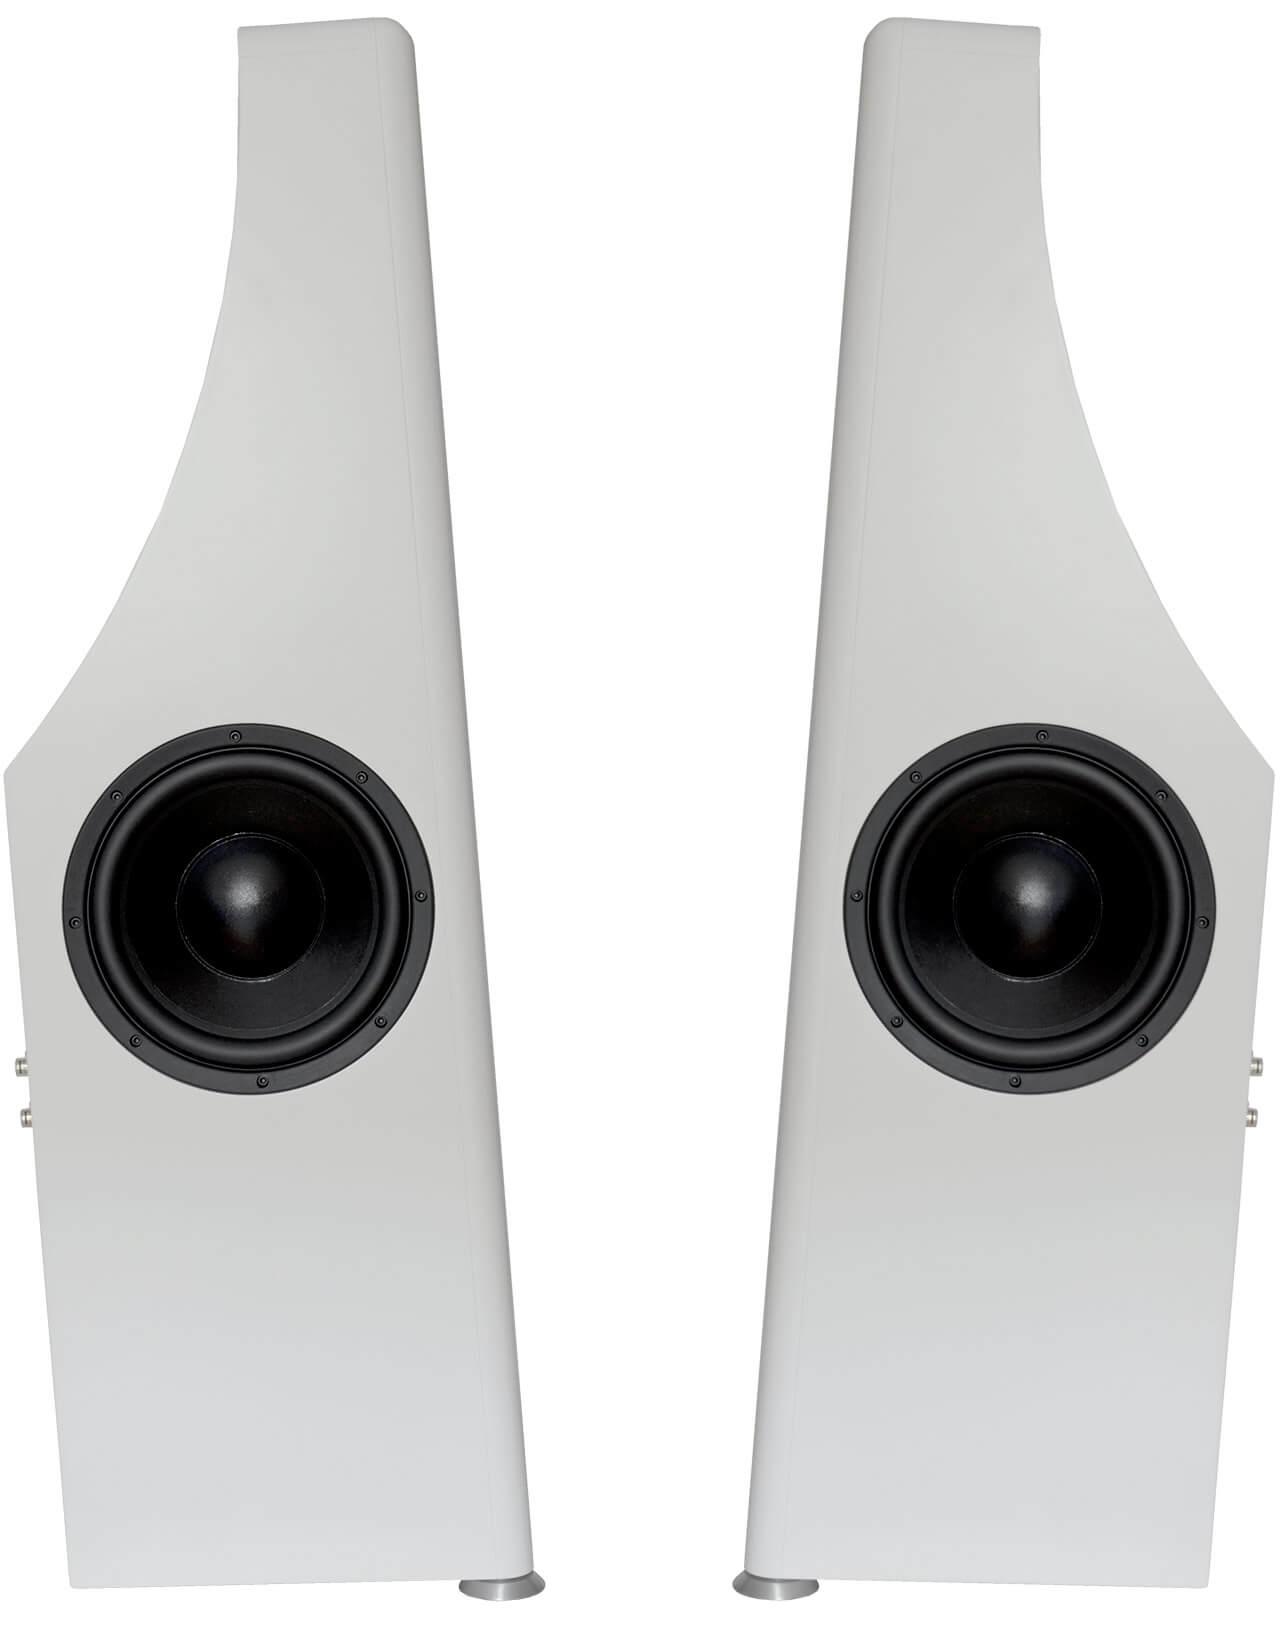 Die Schallwand der Bohne Audio BB-10L ist nach hinten geneigt - die Passivradiatoren wurden seitlich angebracht (je zwei pro Box)